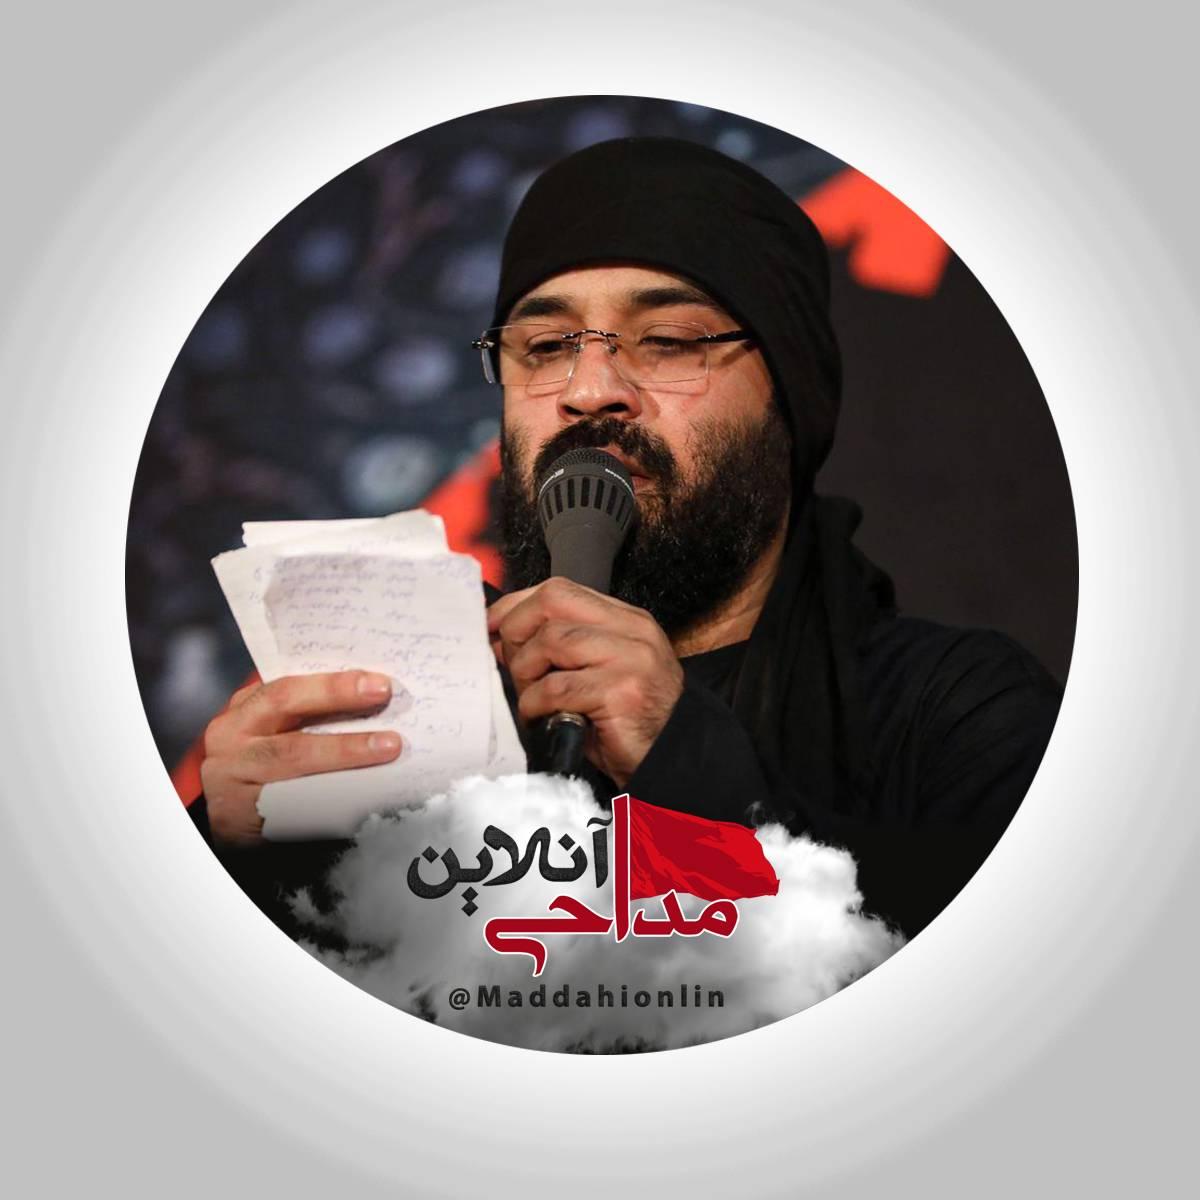 دانلود نماهنگ دریای آرامش عبدالرضا هلالی